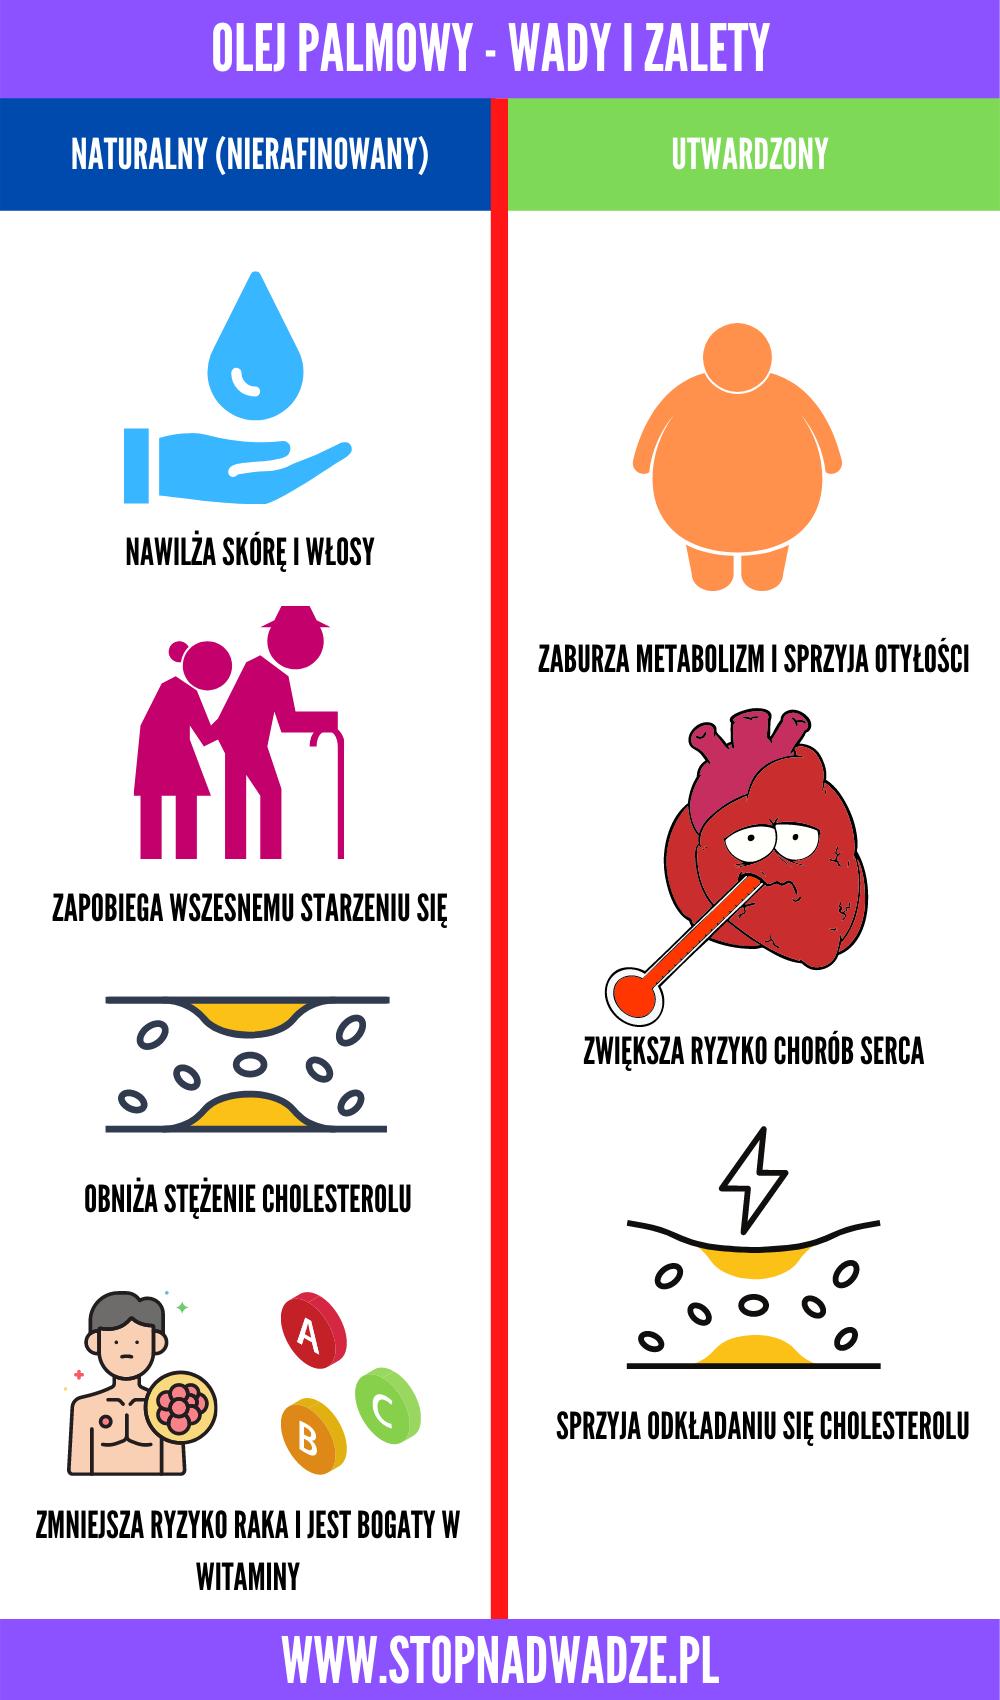 Infografika przedstawiająca różnicę między naturalnym olejem palmowym a utwardzonym olejem palmowym.